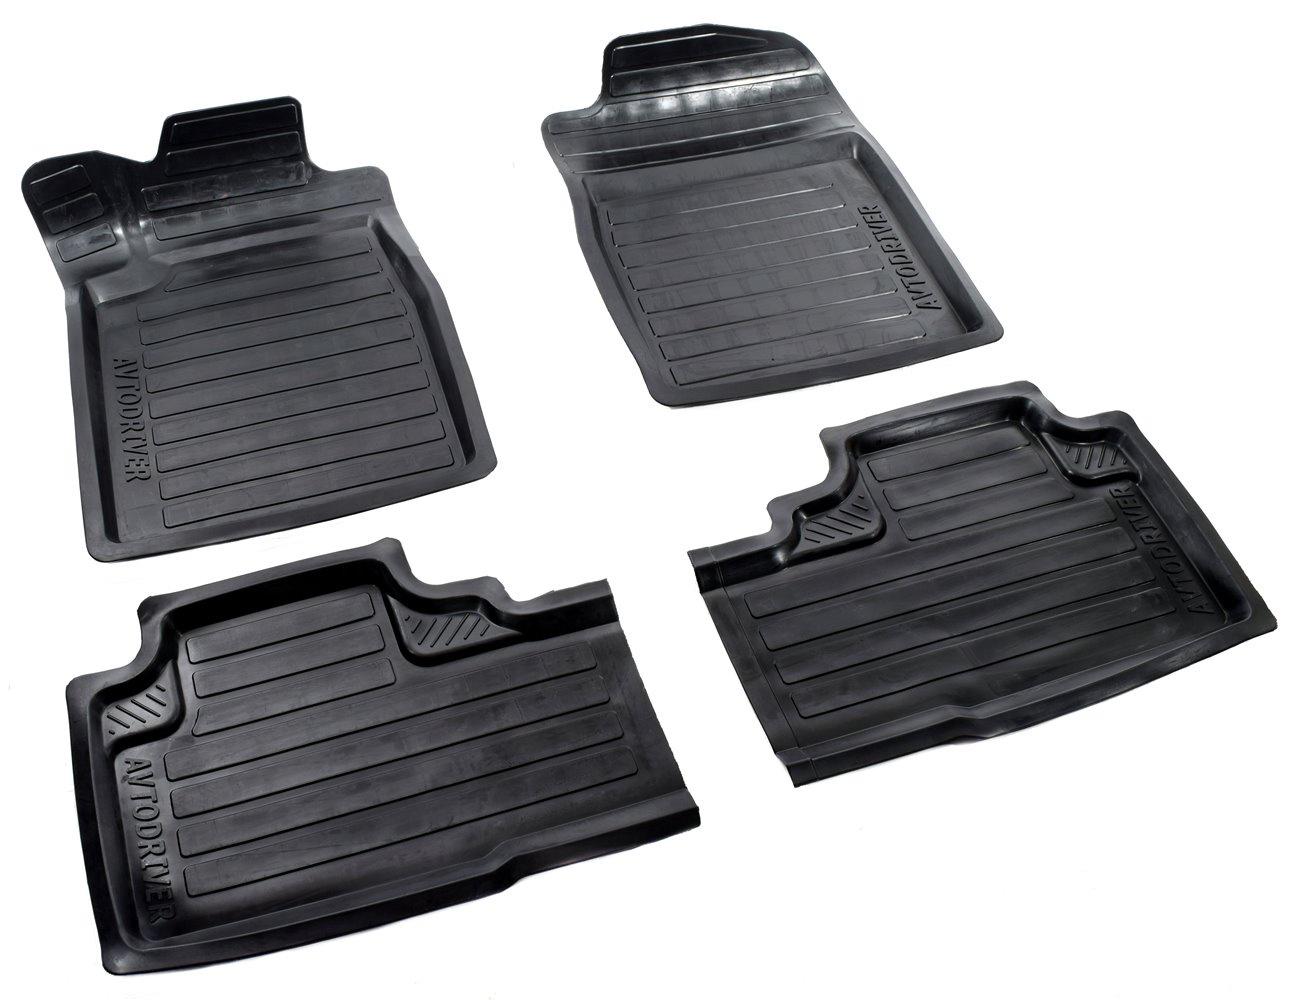 все цены на Коврики в салон автомобиля Avtodriver, для Honda CR-V, 2012-, ADRAVG141, резиновые, с бортиком, черный онлайн